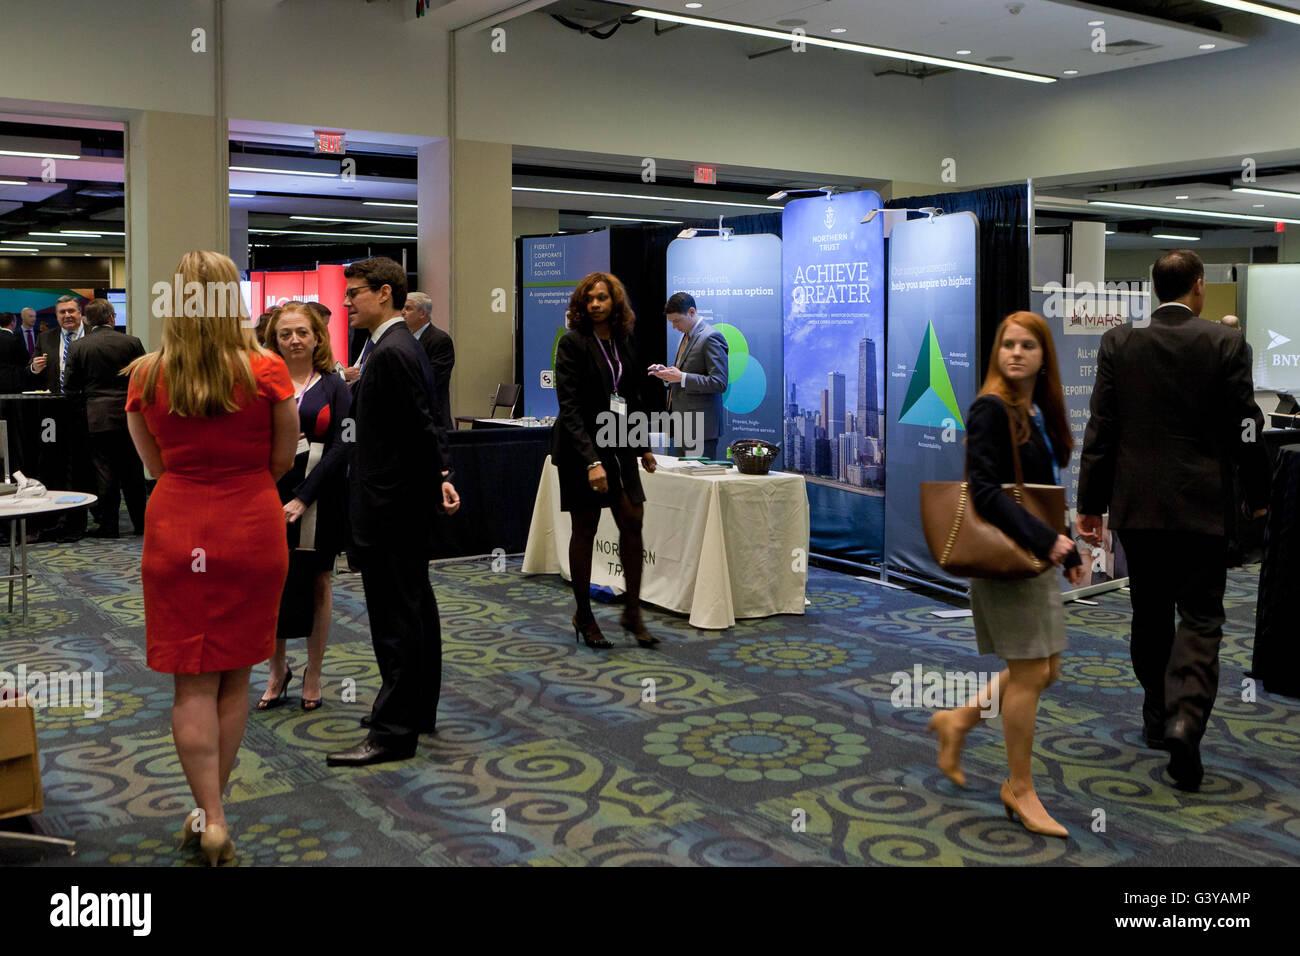 Business expo - USA - Stock Image